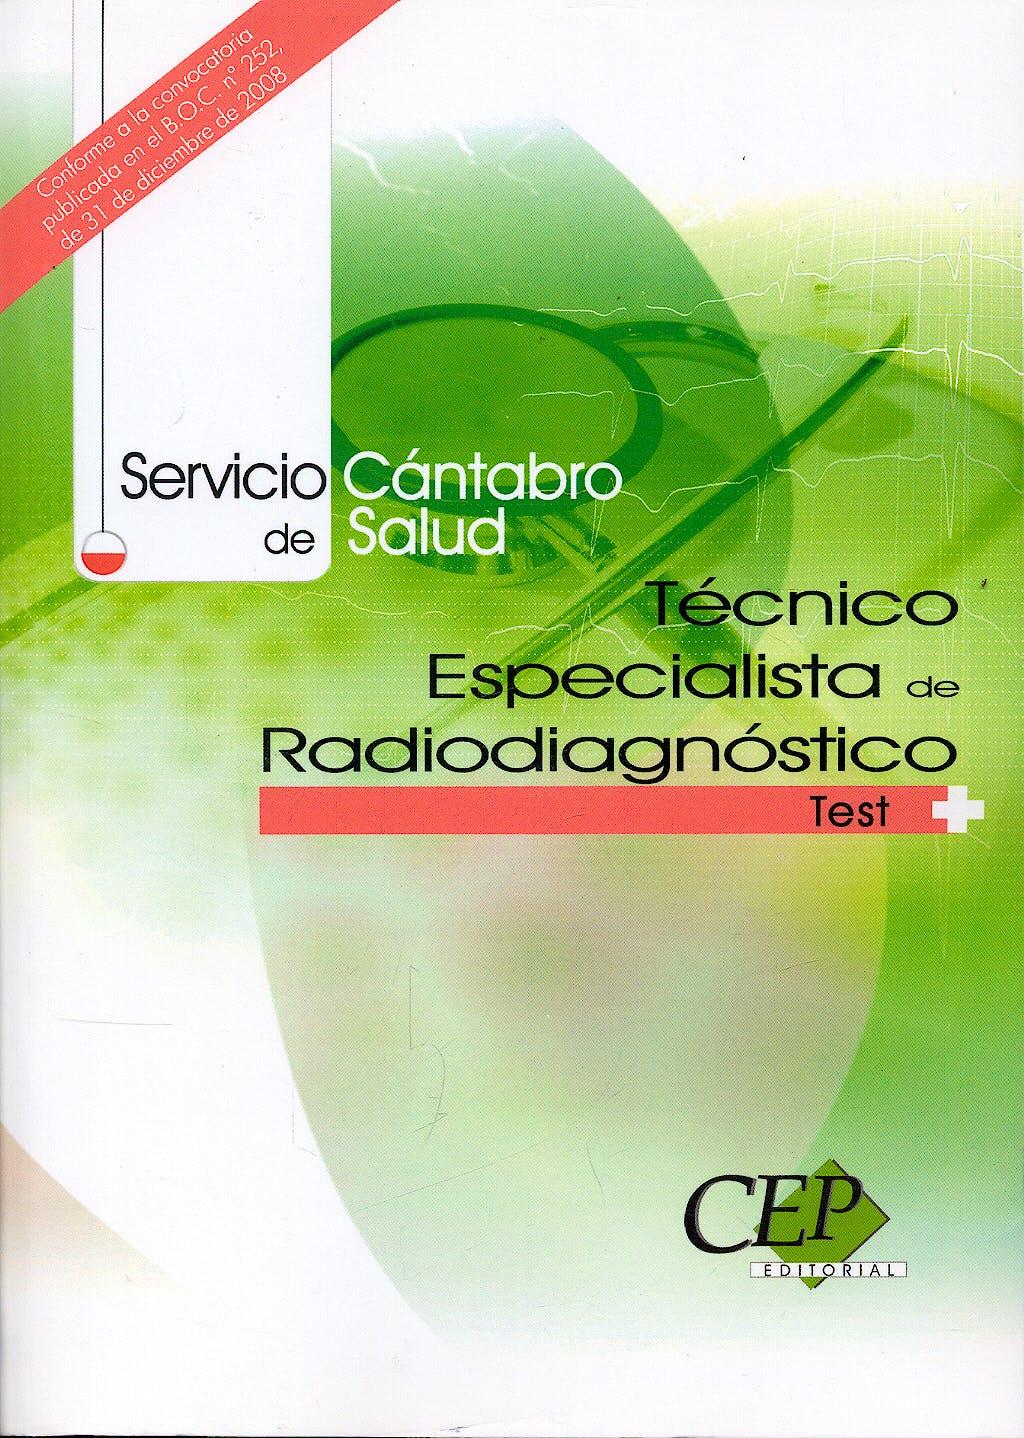 Portada del libro 9788499026305 Tecnico Especialista de Radiodiagnostico. Servicio Cantabro de Salud. Test